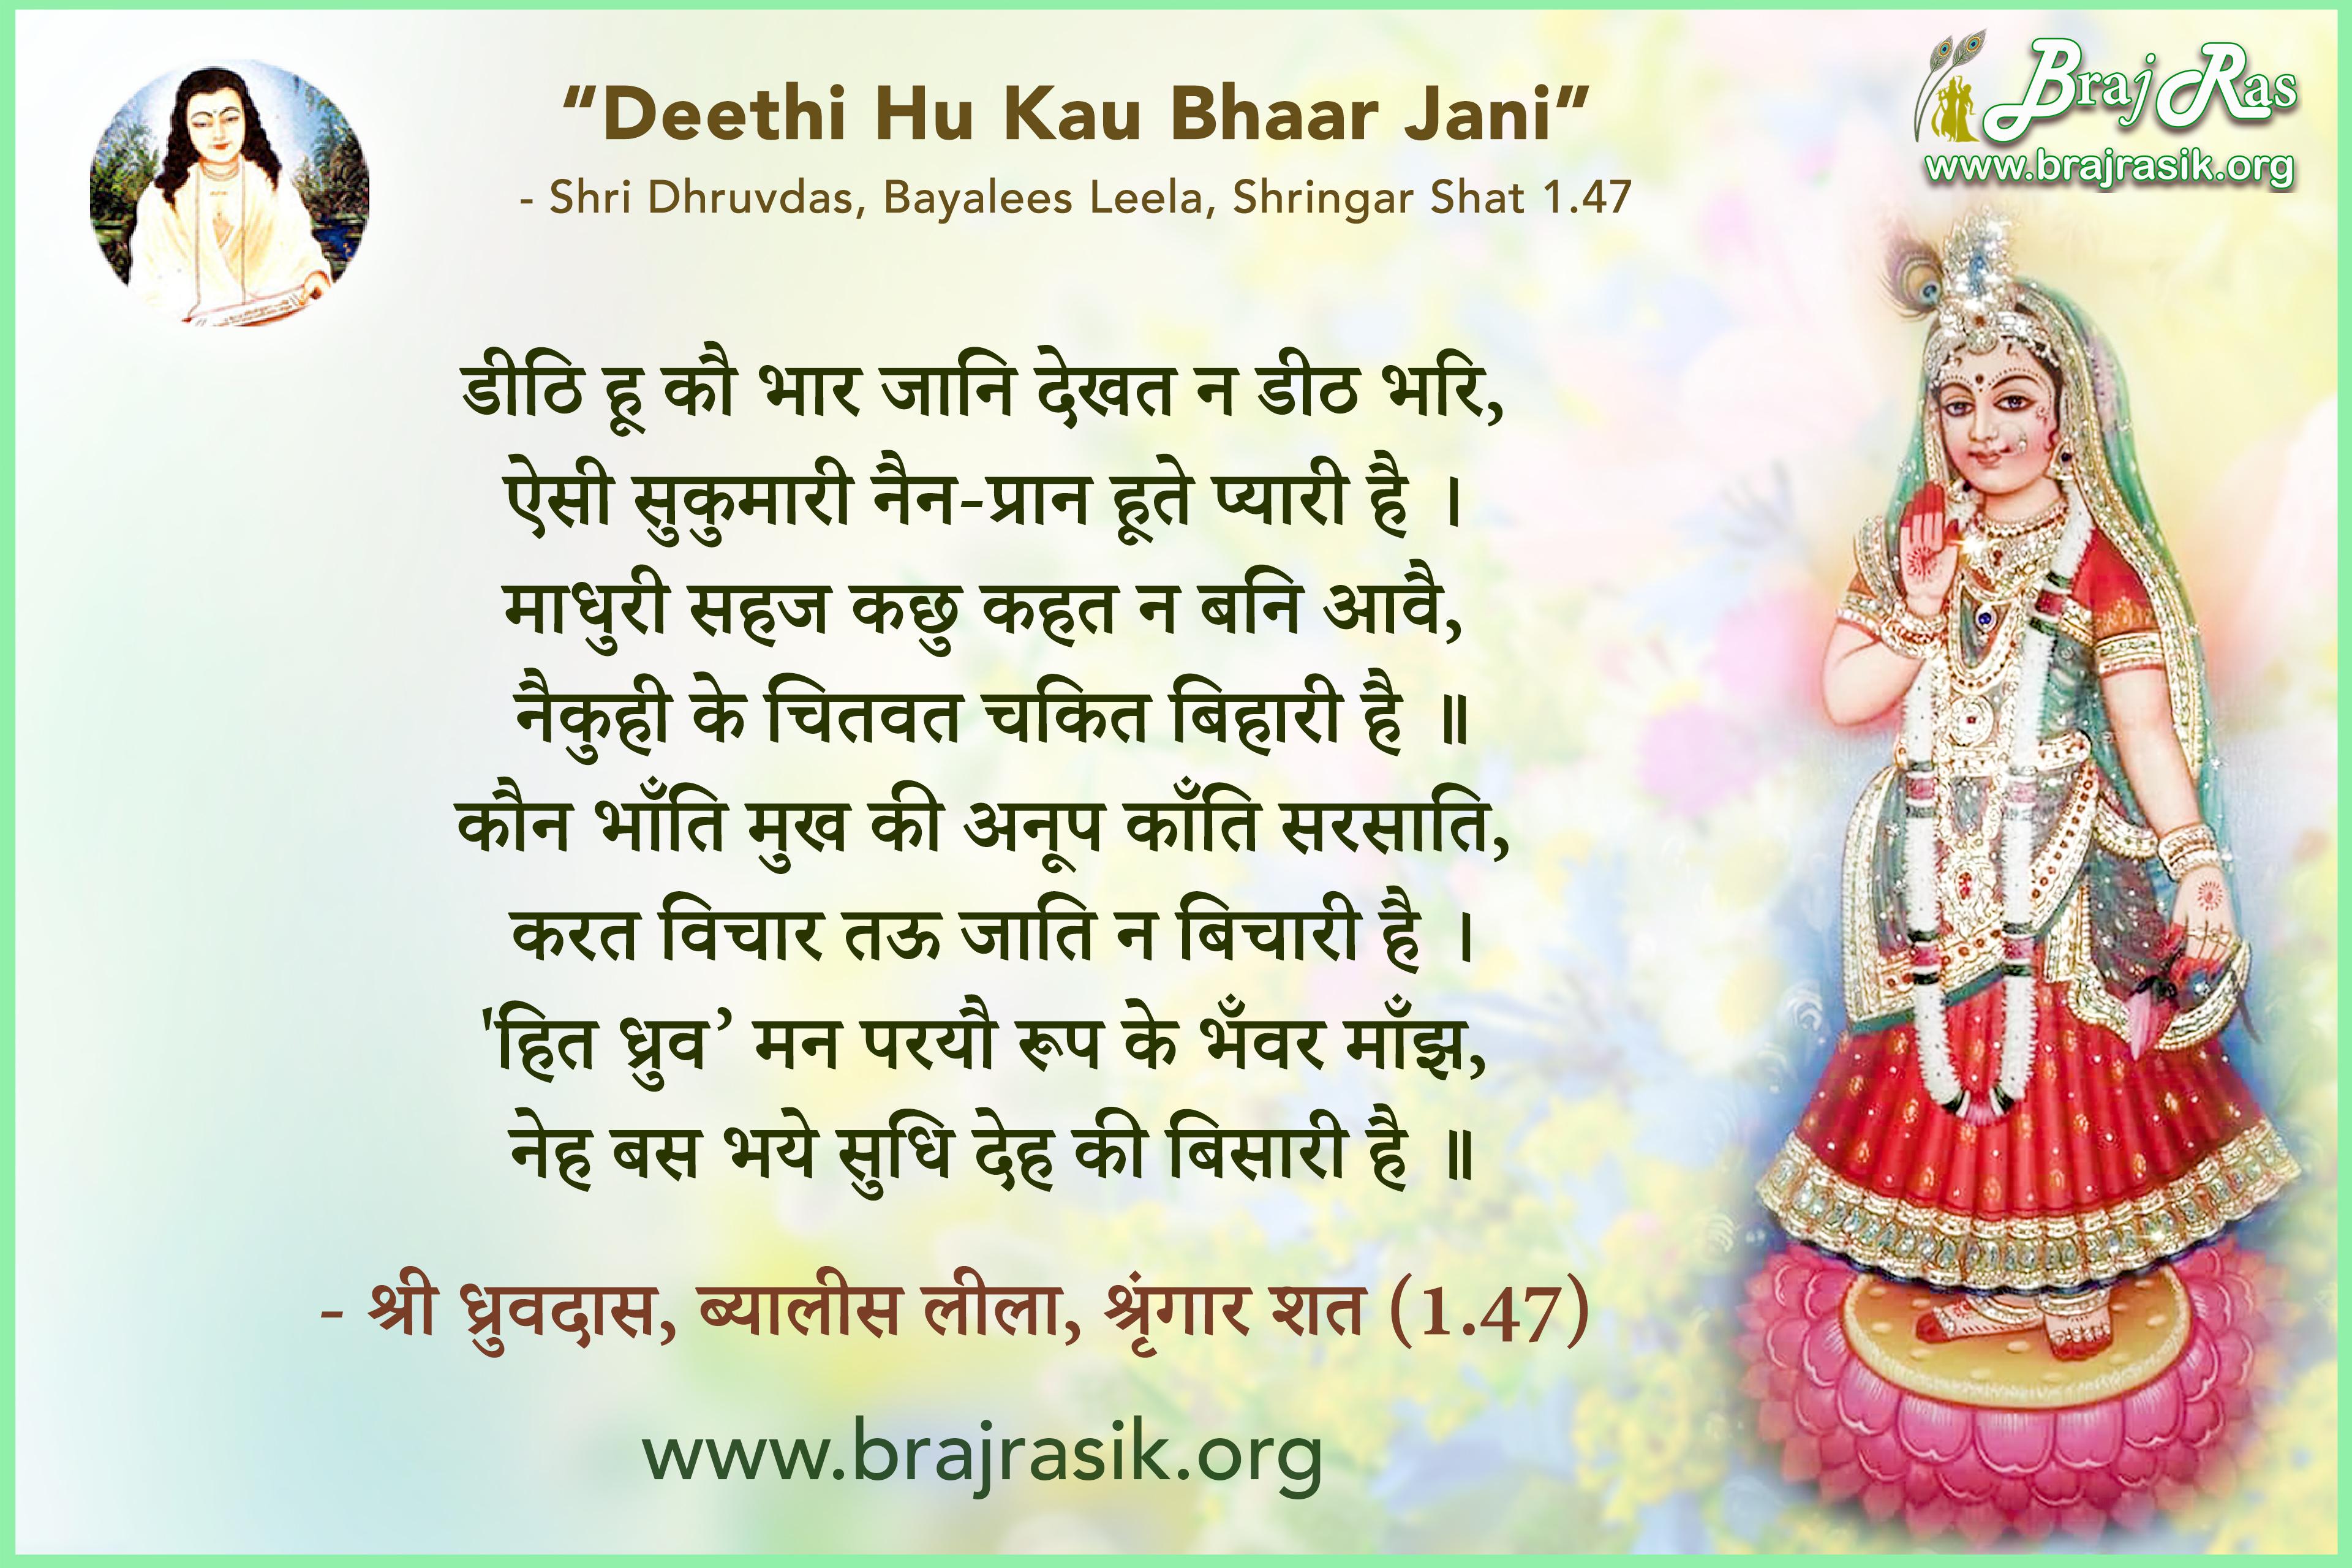 Deethi Hu Kau Bhaar Jani Dekhat Na Dheeth Bhari - Shri Dhruvdas